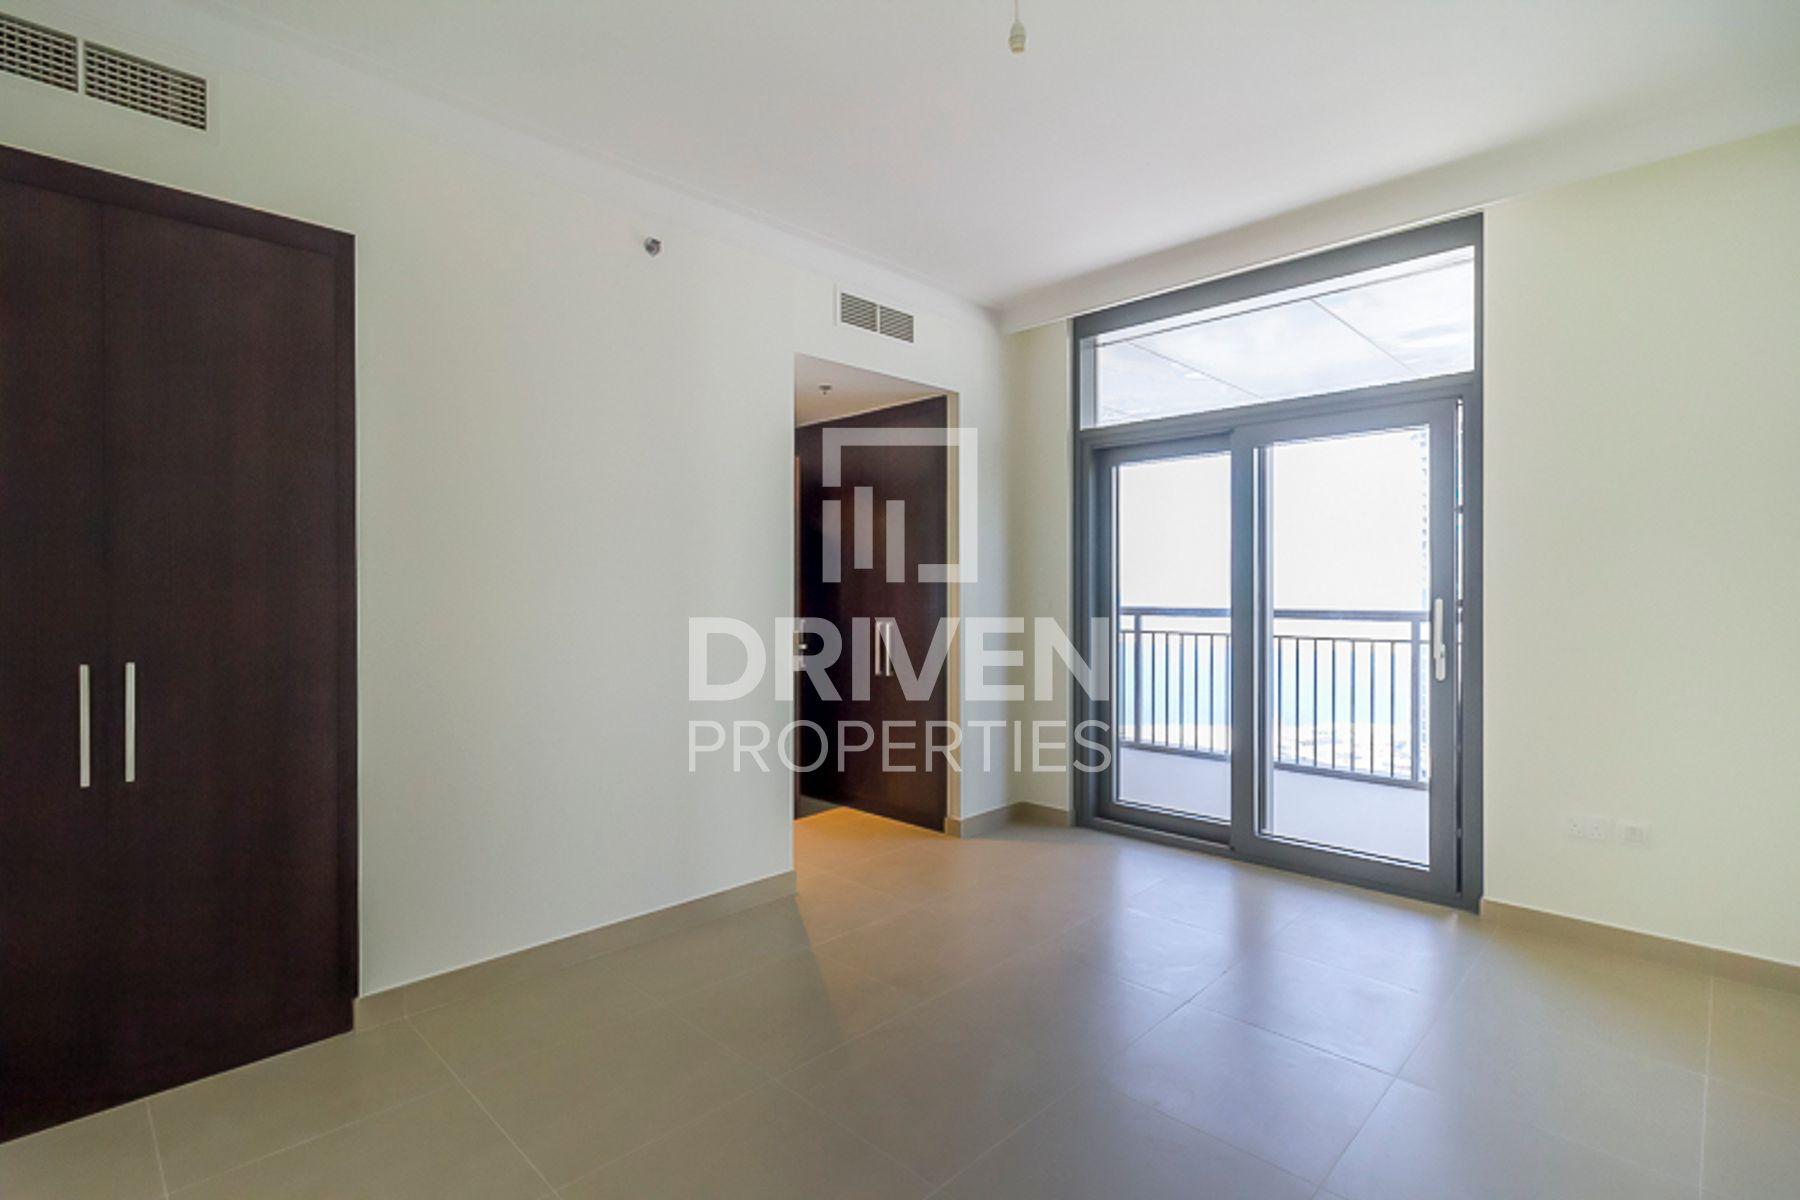 للايجار - شقة - دبي كريك ريزيدنس برج 2 شمال - ميناء خور دبي